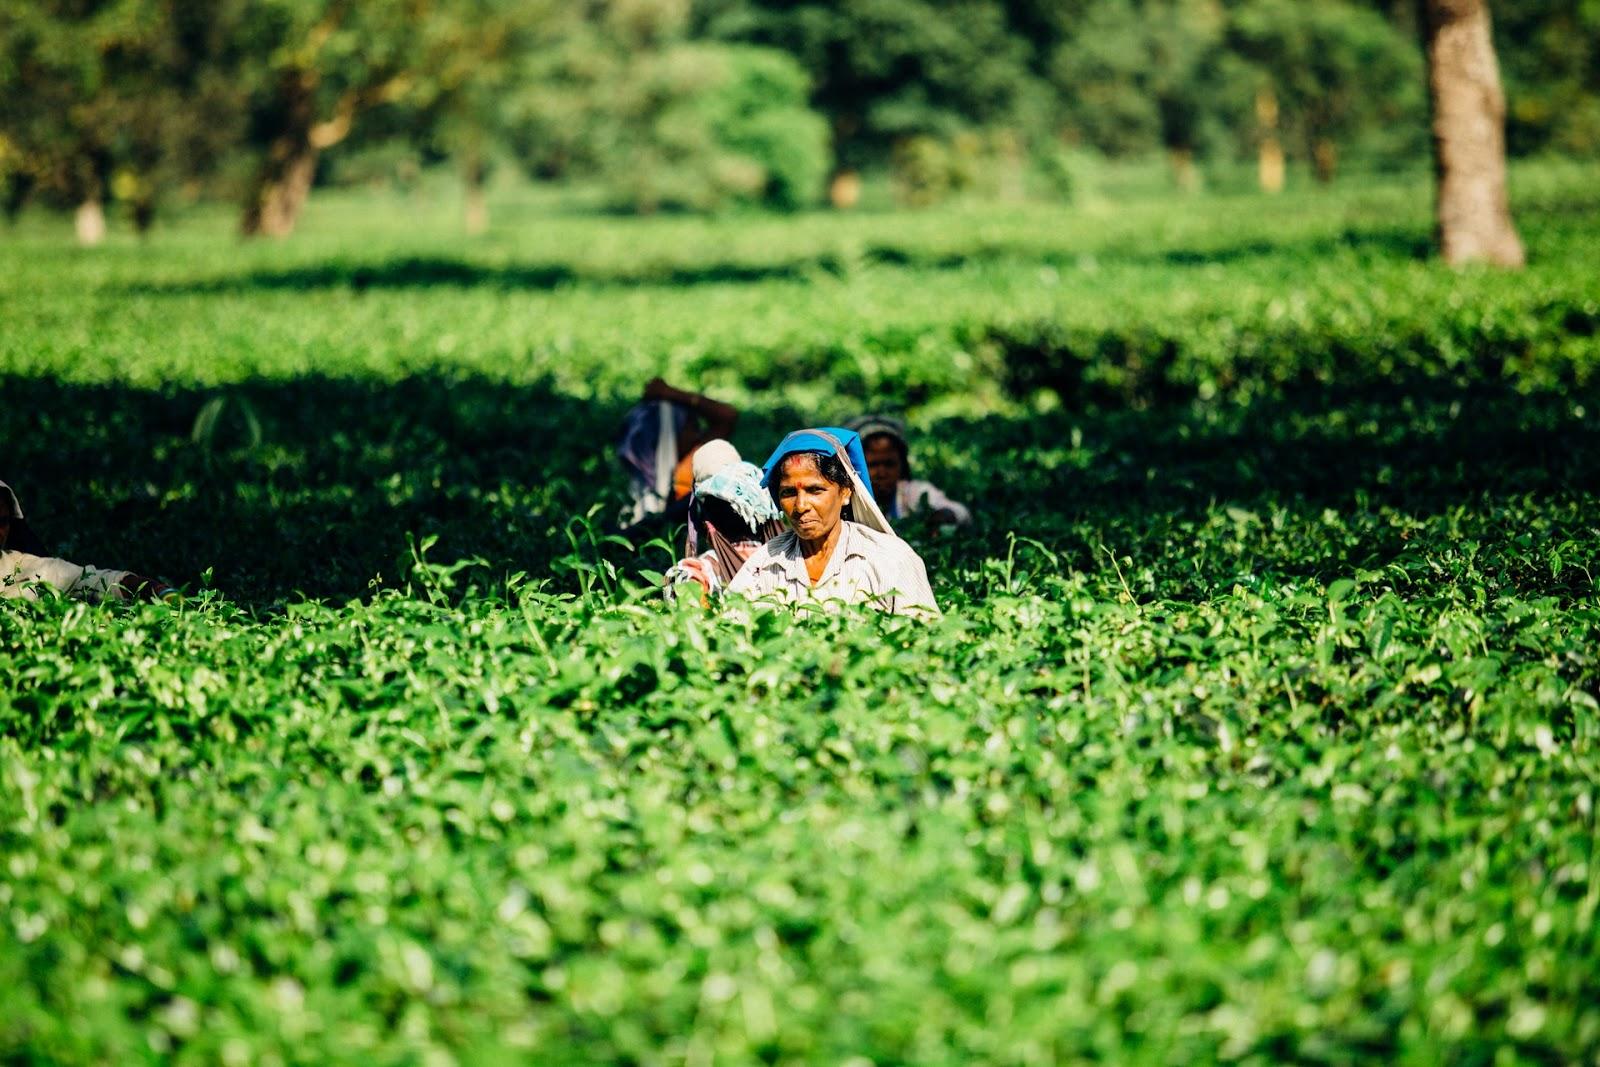 Agricultura impulsionou geração de empregos no agronegócio (Fonte: Pexels)